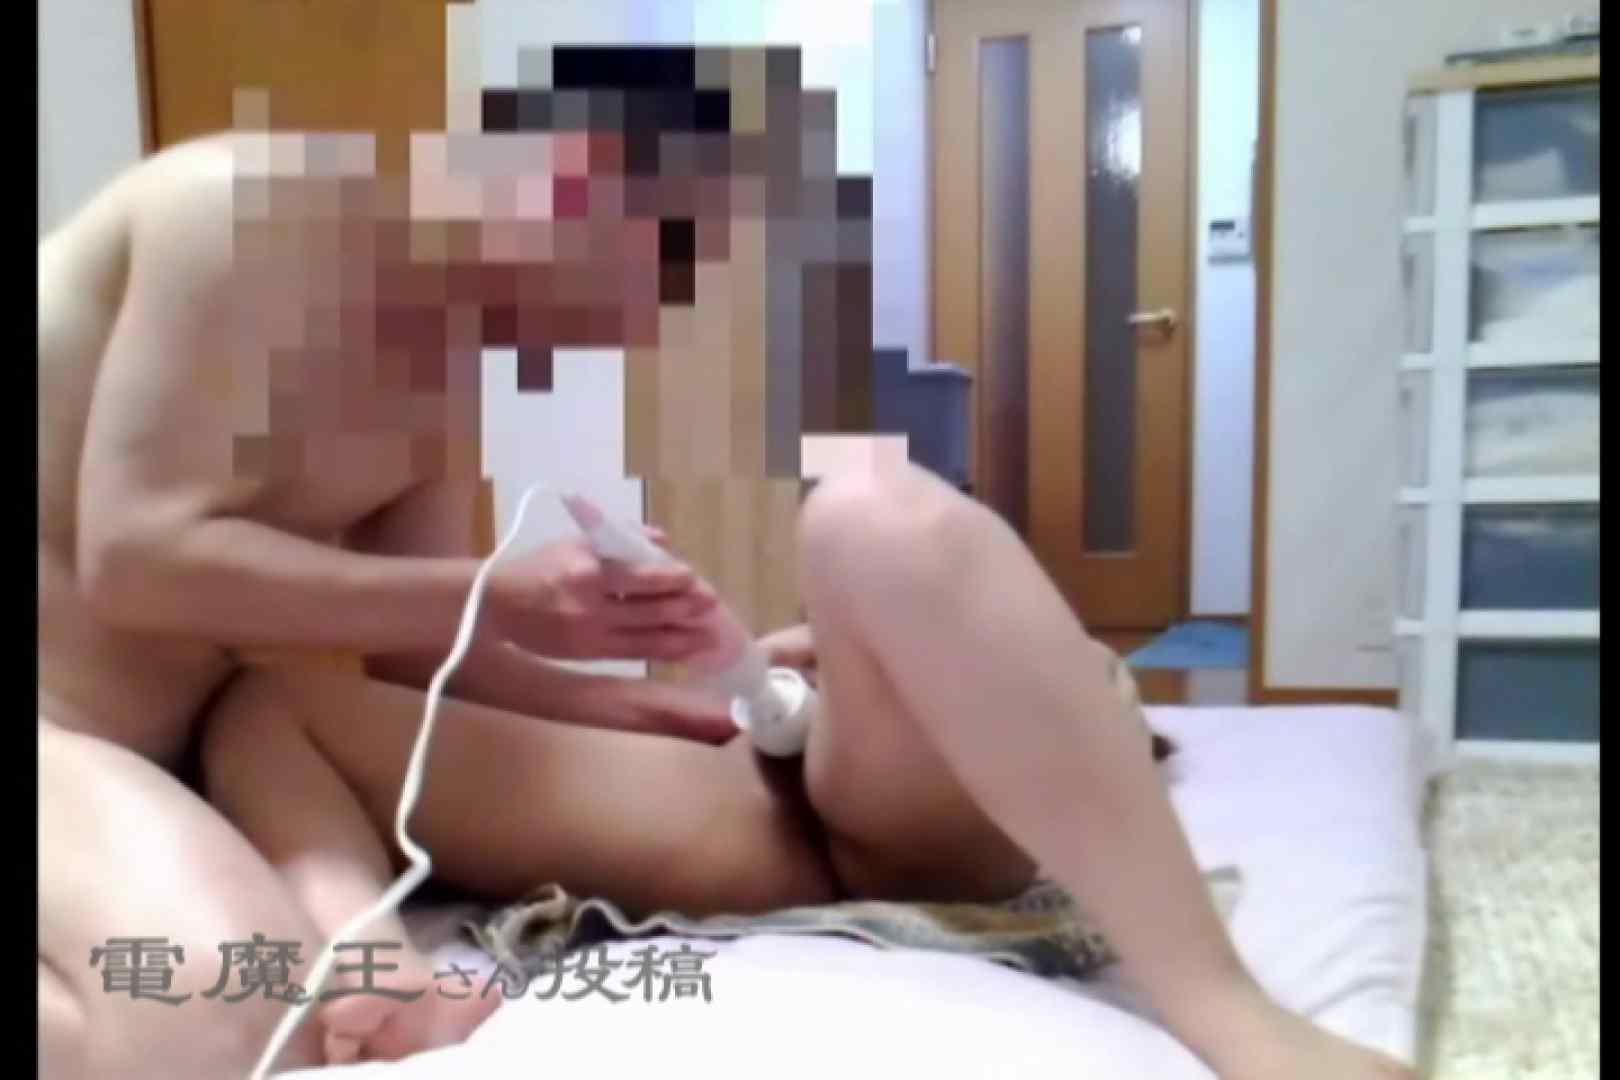 電魔王さんの「隠撮の部屋」リンカ 電マ  45連発 32